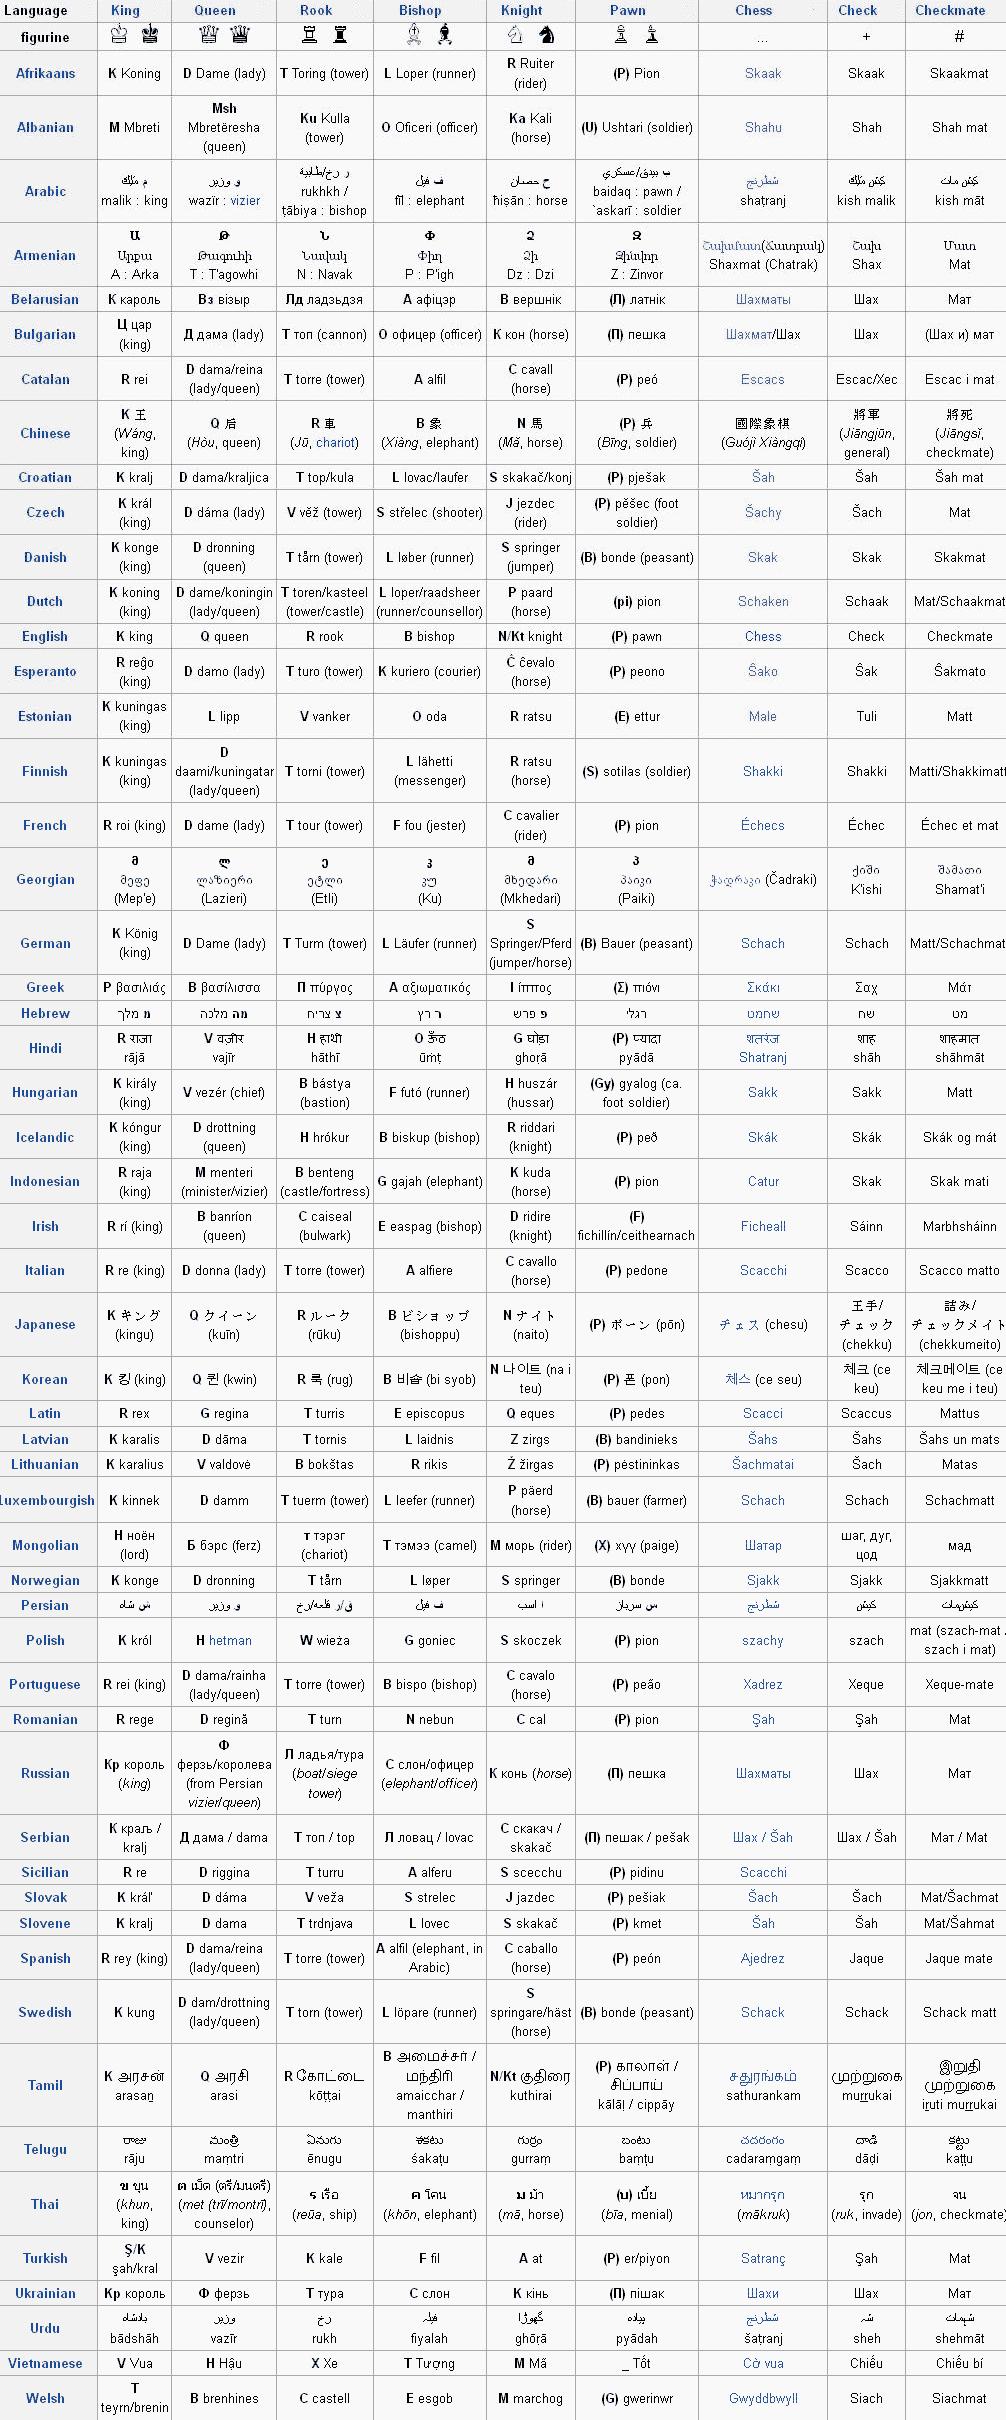 name of chess pieces. Le nom des pièces d'échecs dans toutes les langues (anglais, french, arabic, chinese, english, persian, spanish)